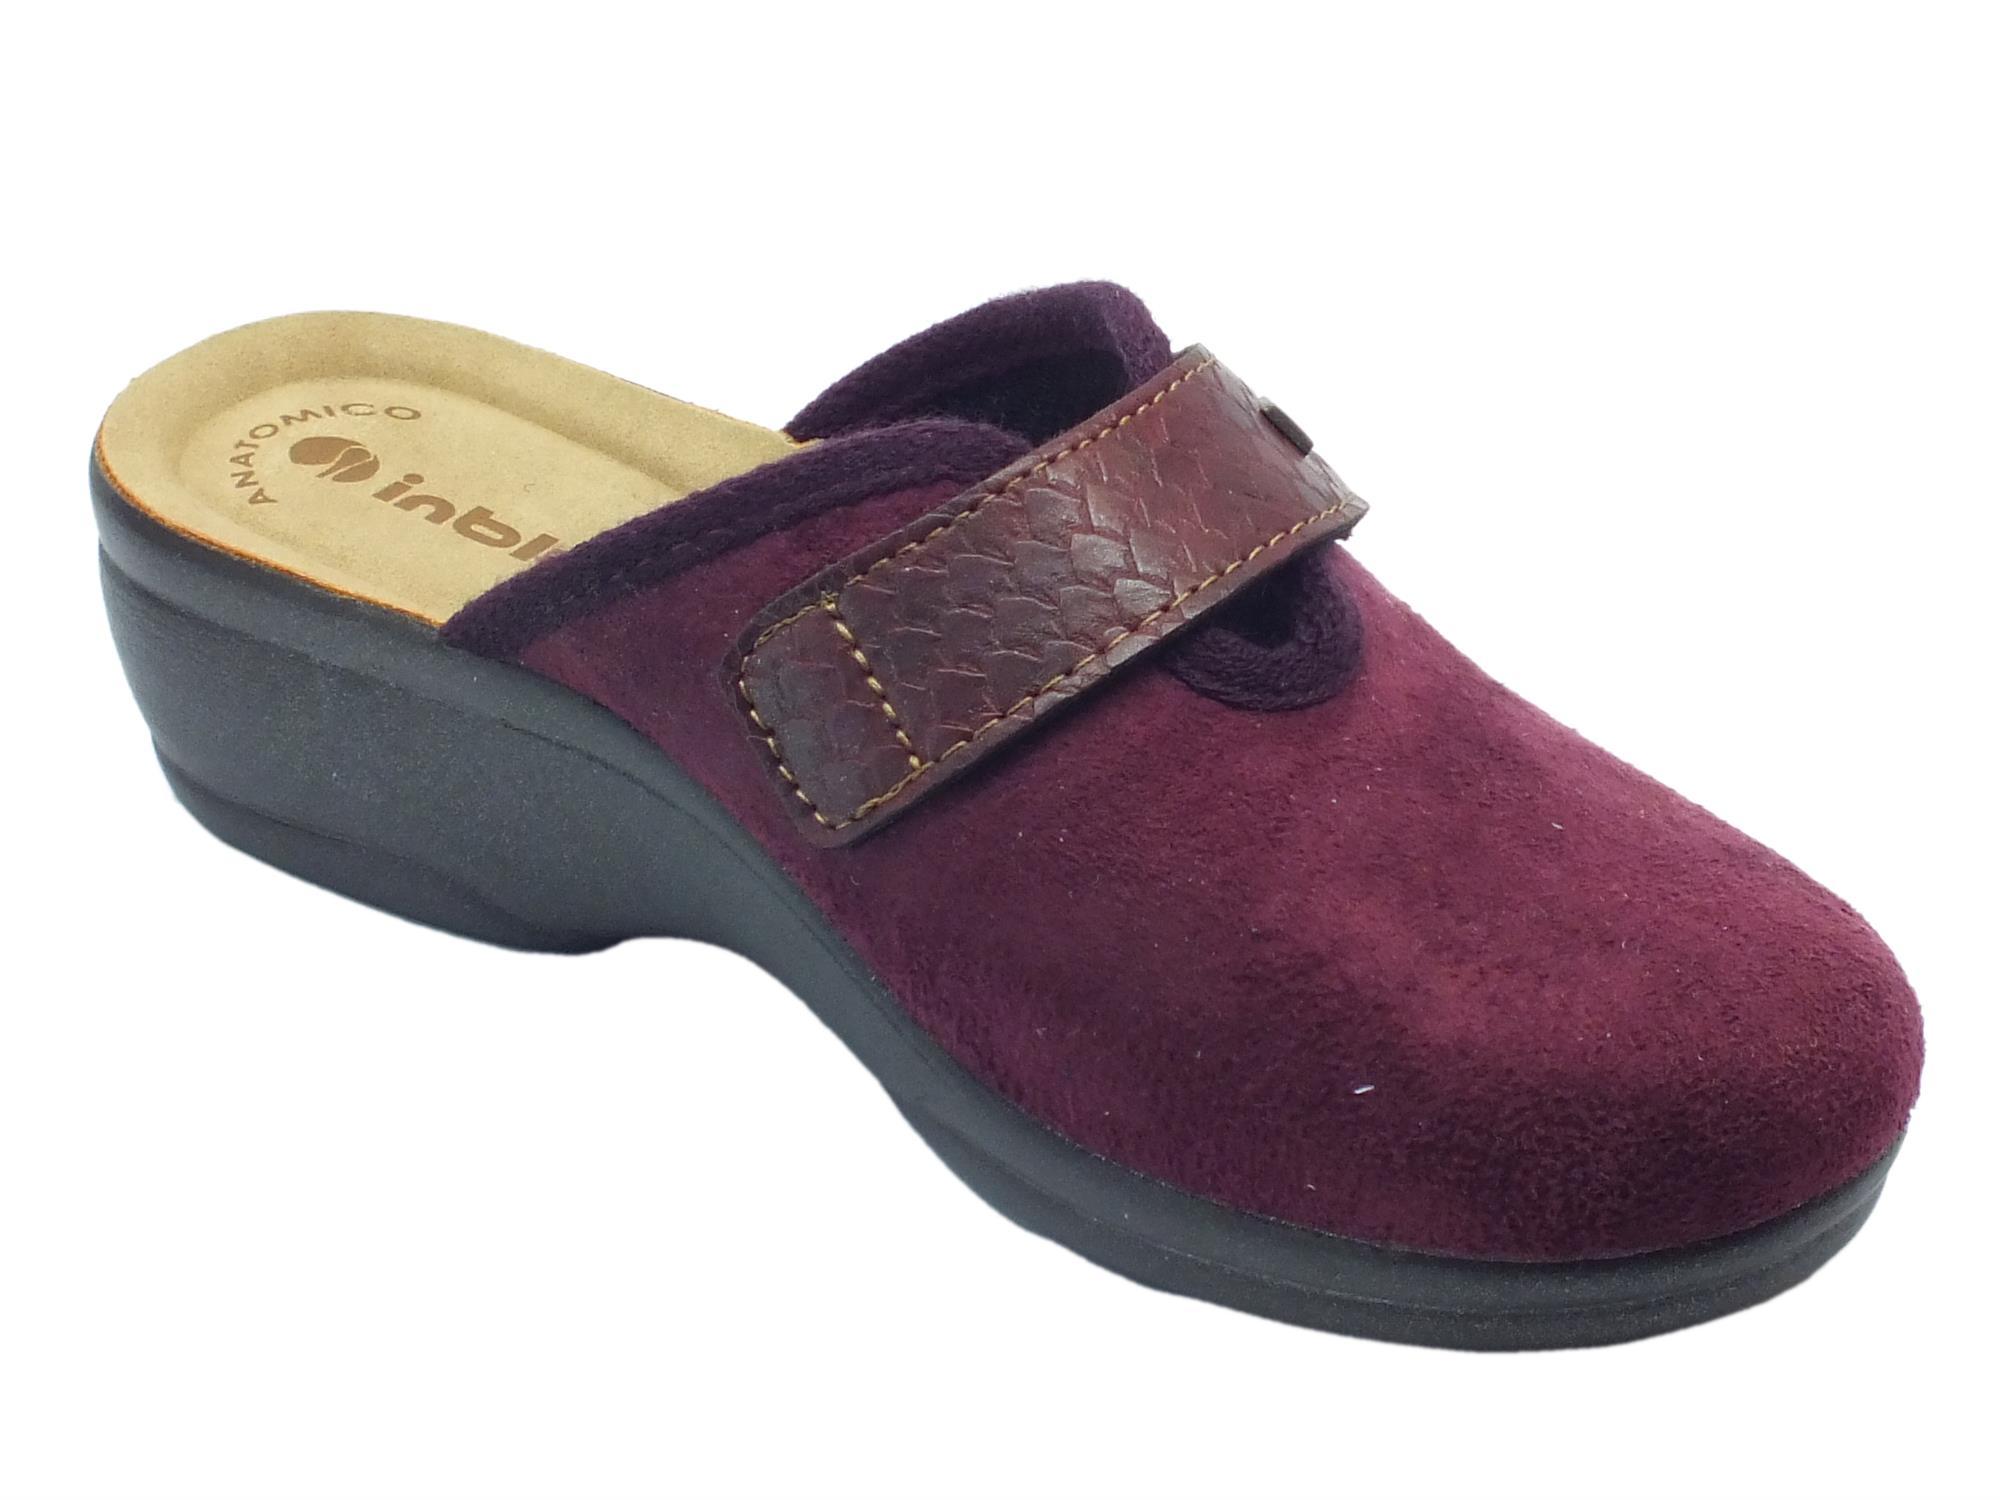 ... Pantofole InBlu per donna in tessuto prugna con chiusura a strappo ... d5fd3018fae